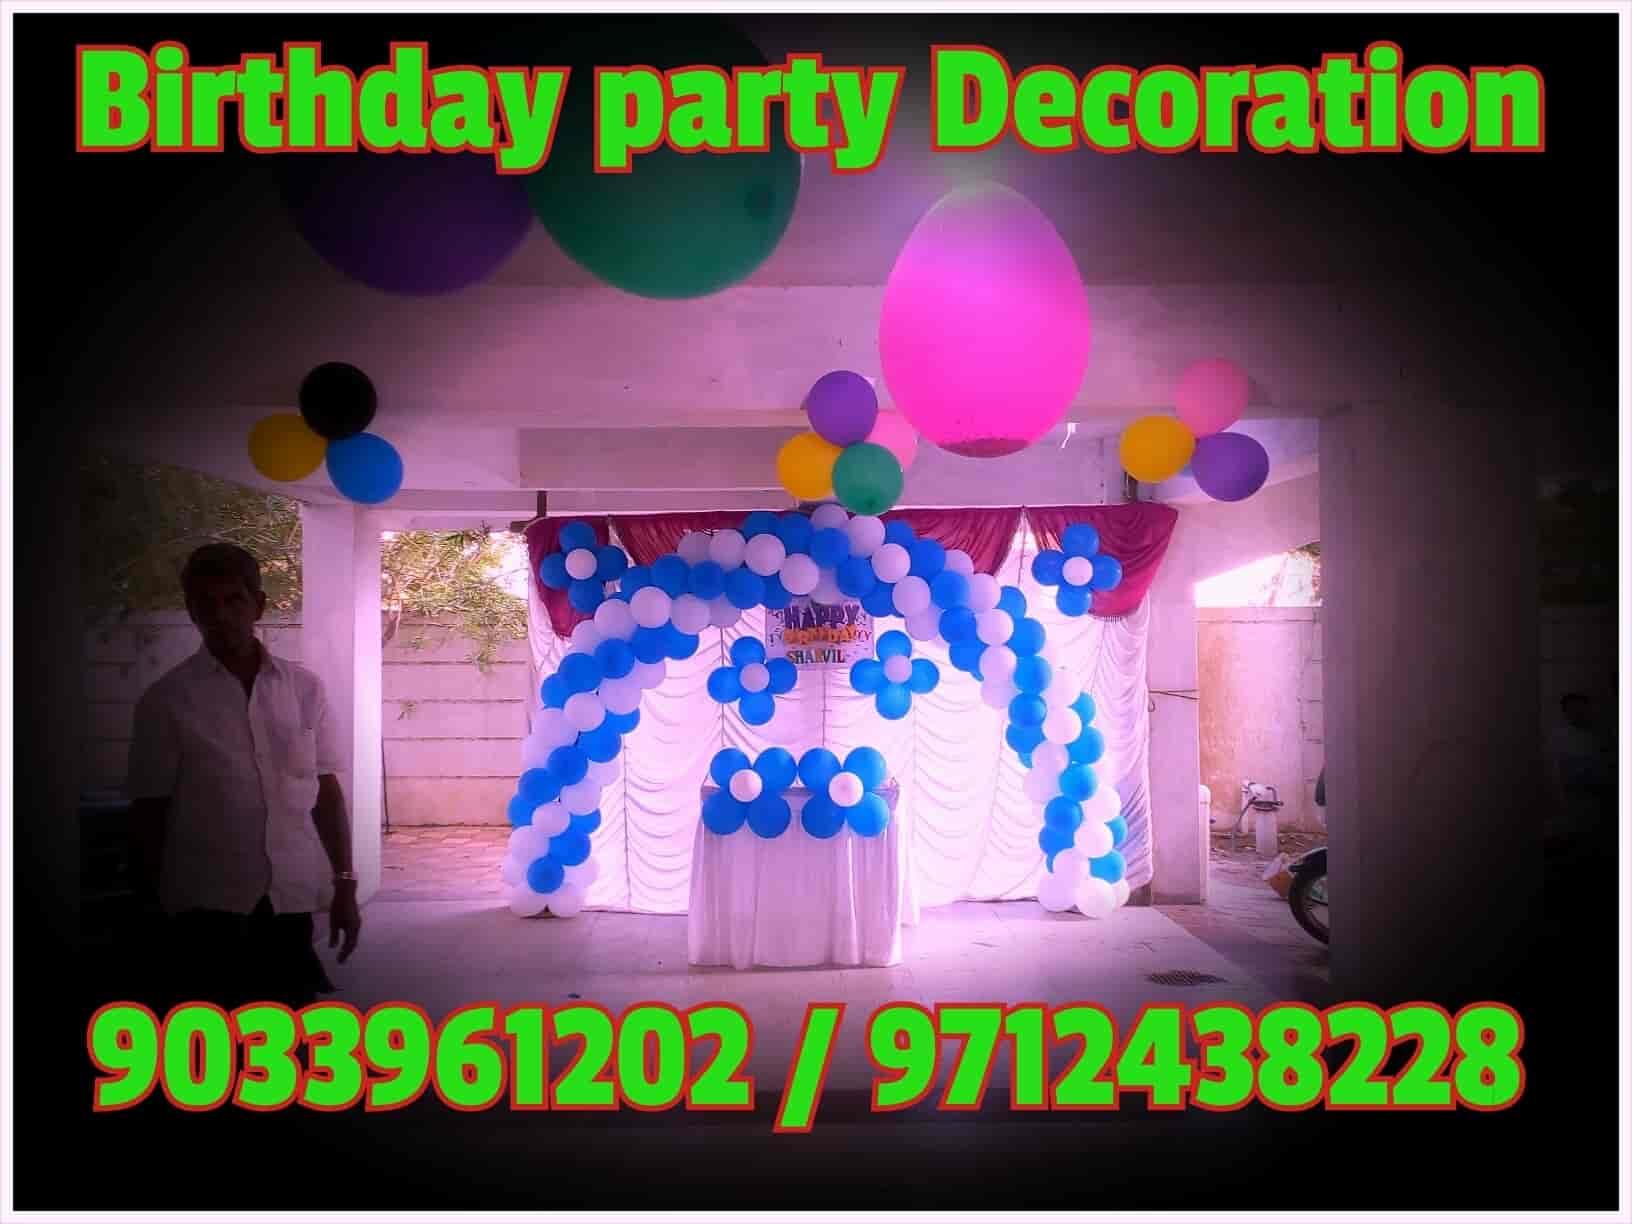 Lovely Decoration Makarpura Industrial Estate Event Organisers in